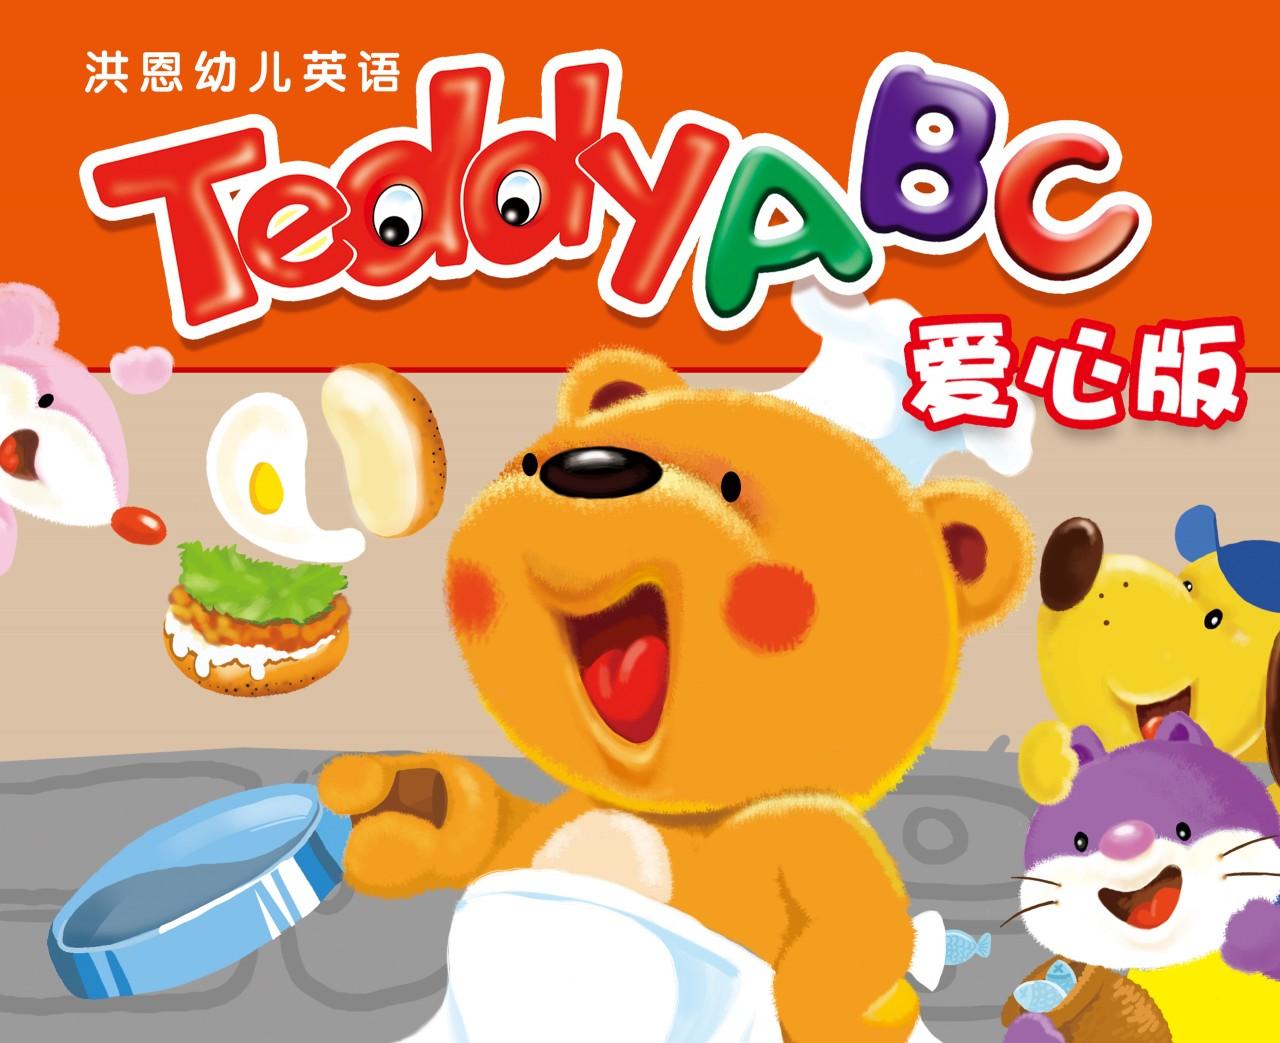 洪恩幼儿英语Teddy ABC爱心版-封面 - 改